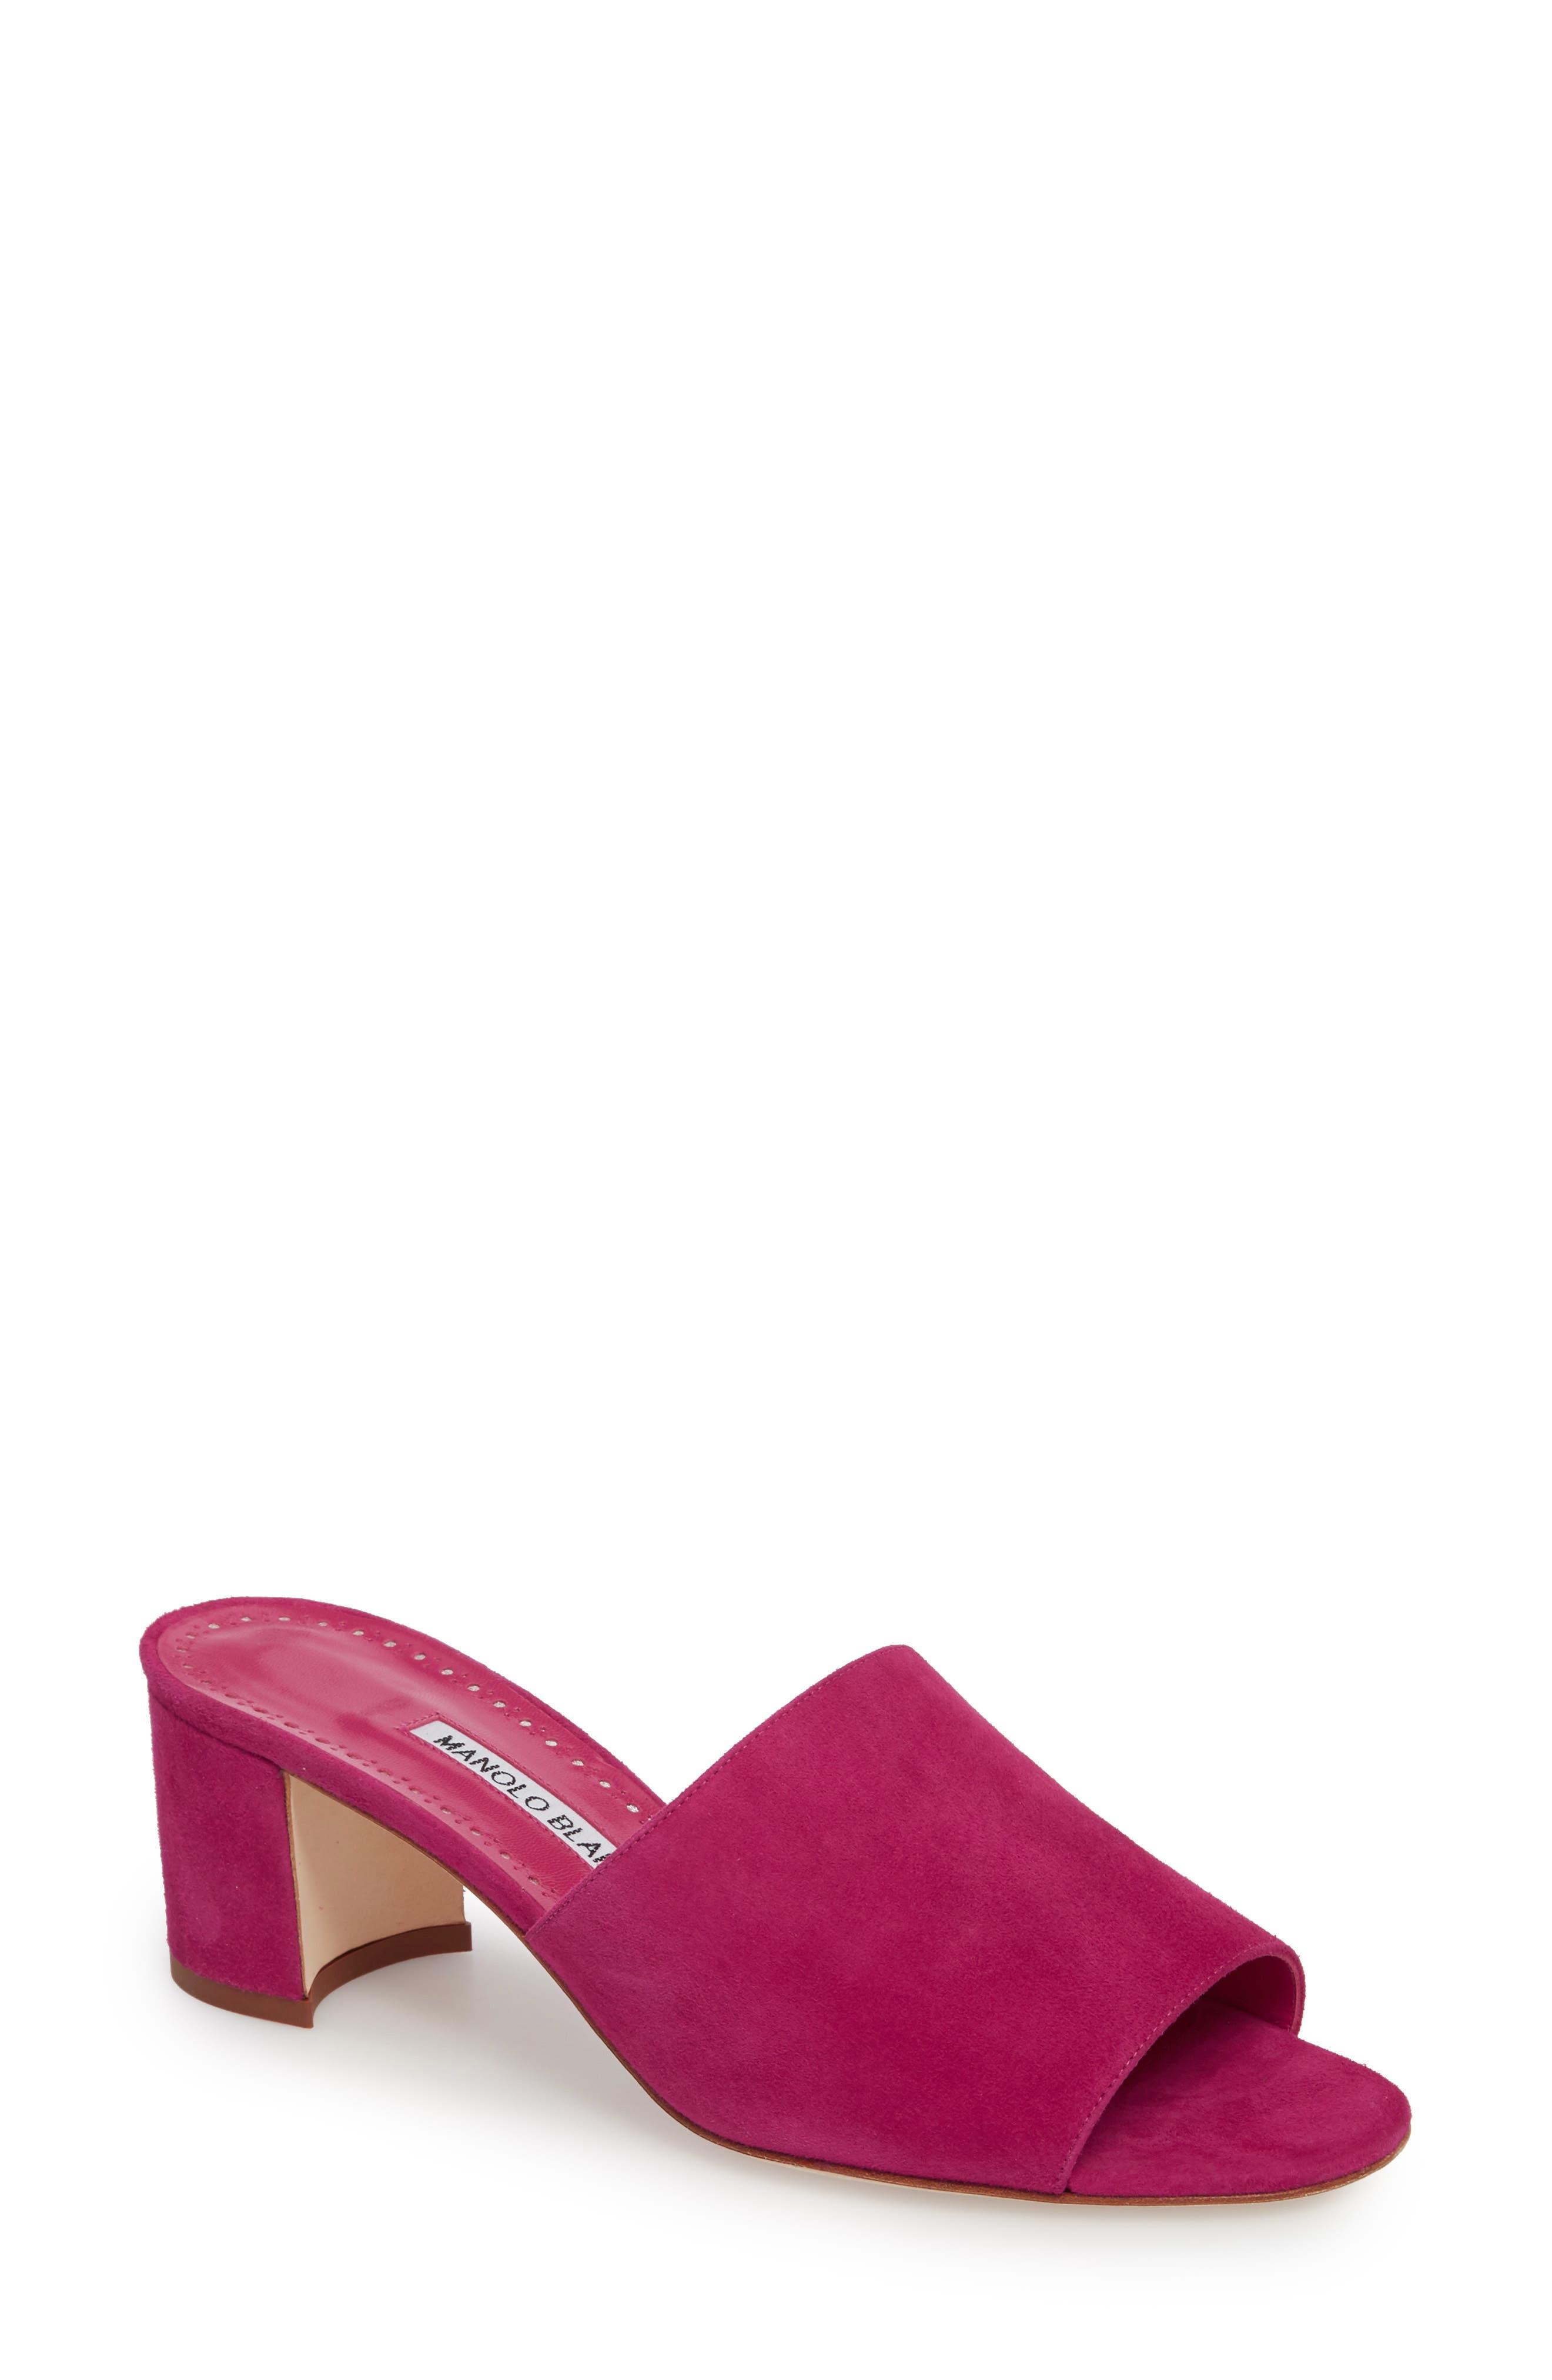 Rapallato Slide Sandal,                             Main thumbnail 1, color,                             Fuchsia Suede